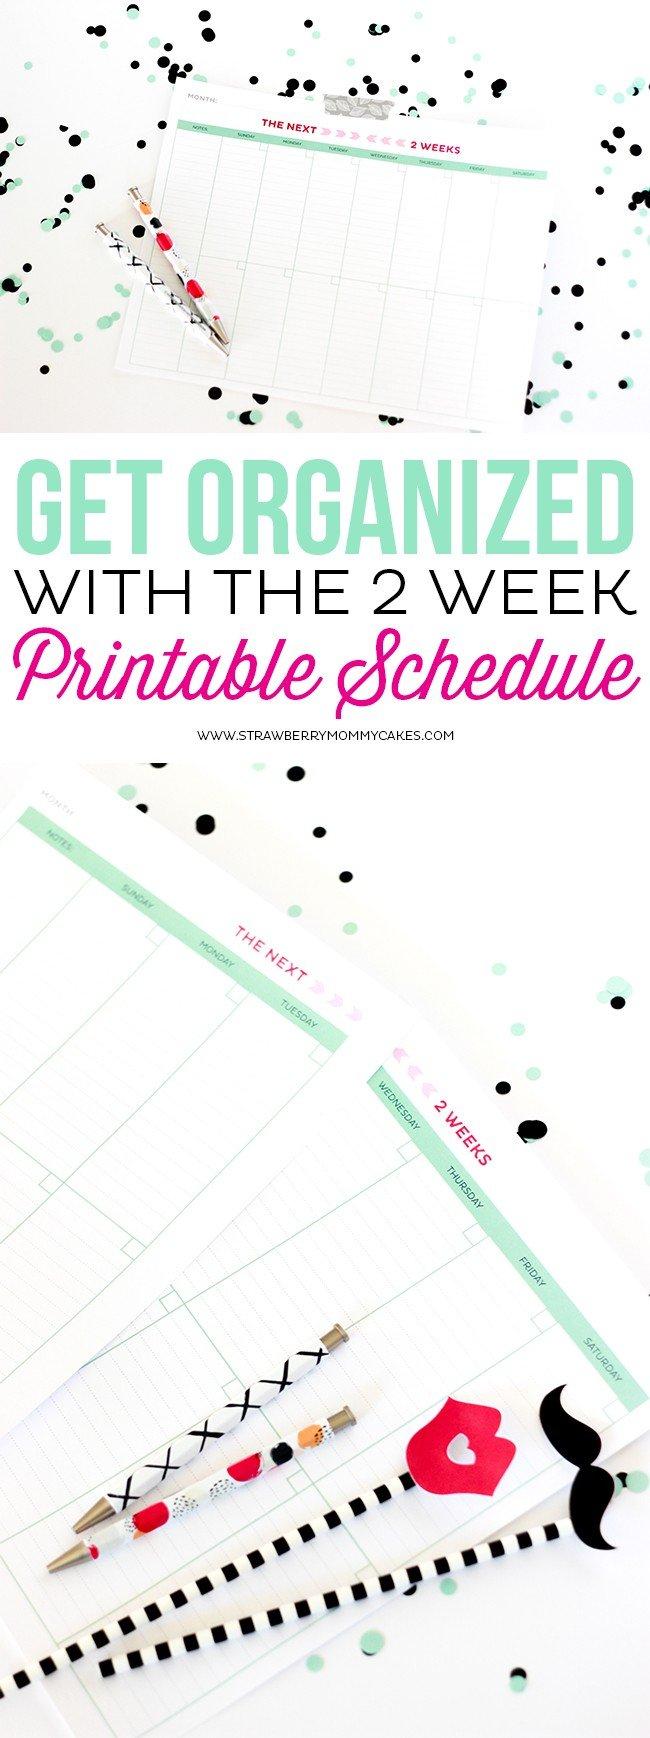 Get Organized With The 2 Week Printable Schedule Calendar Two Week Printable